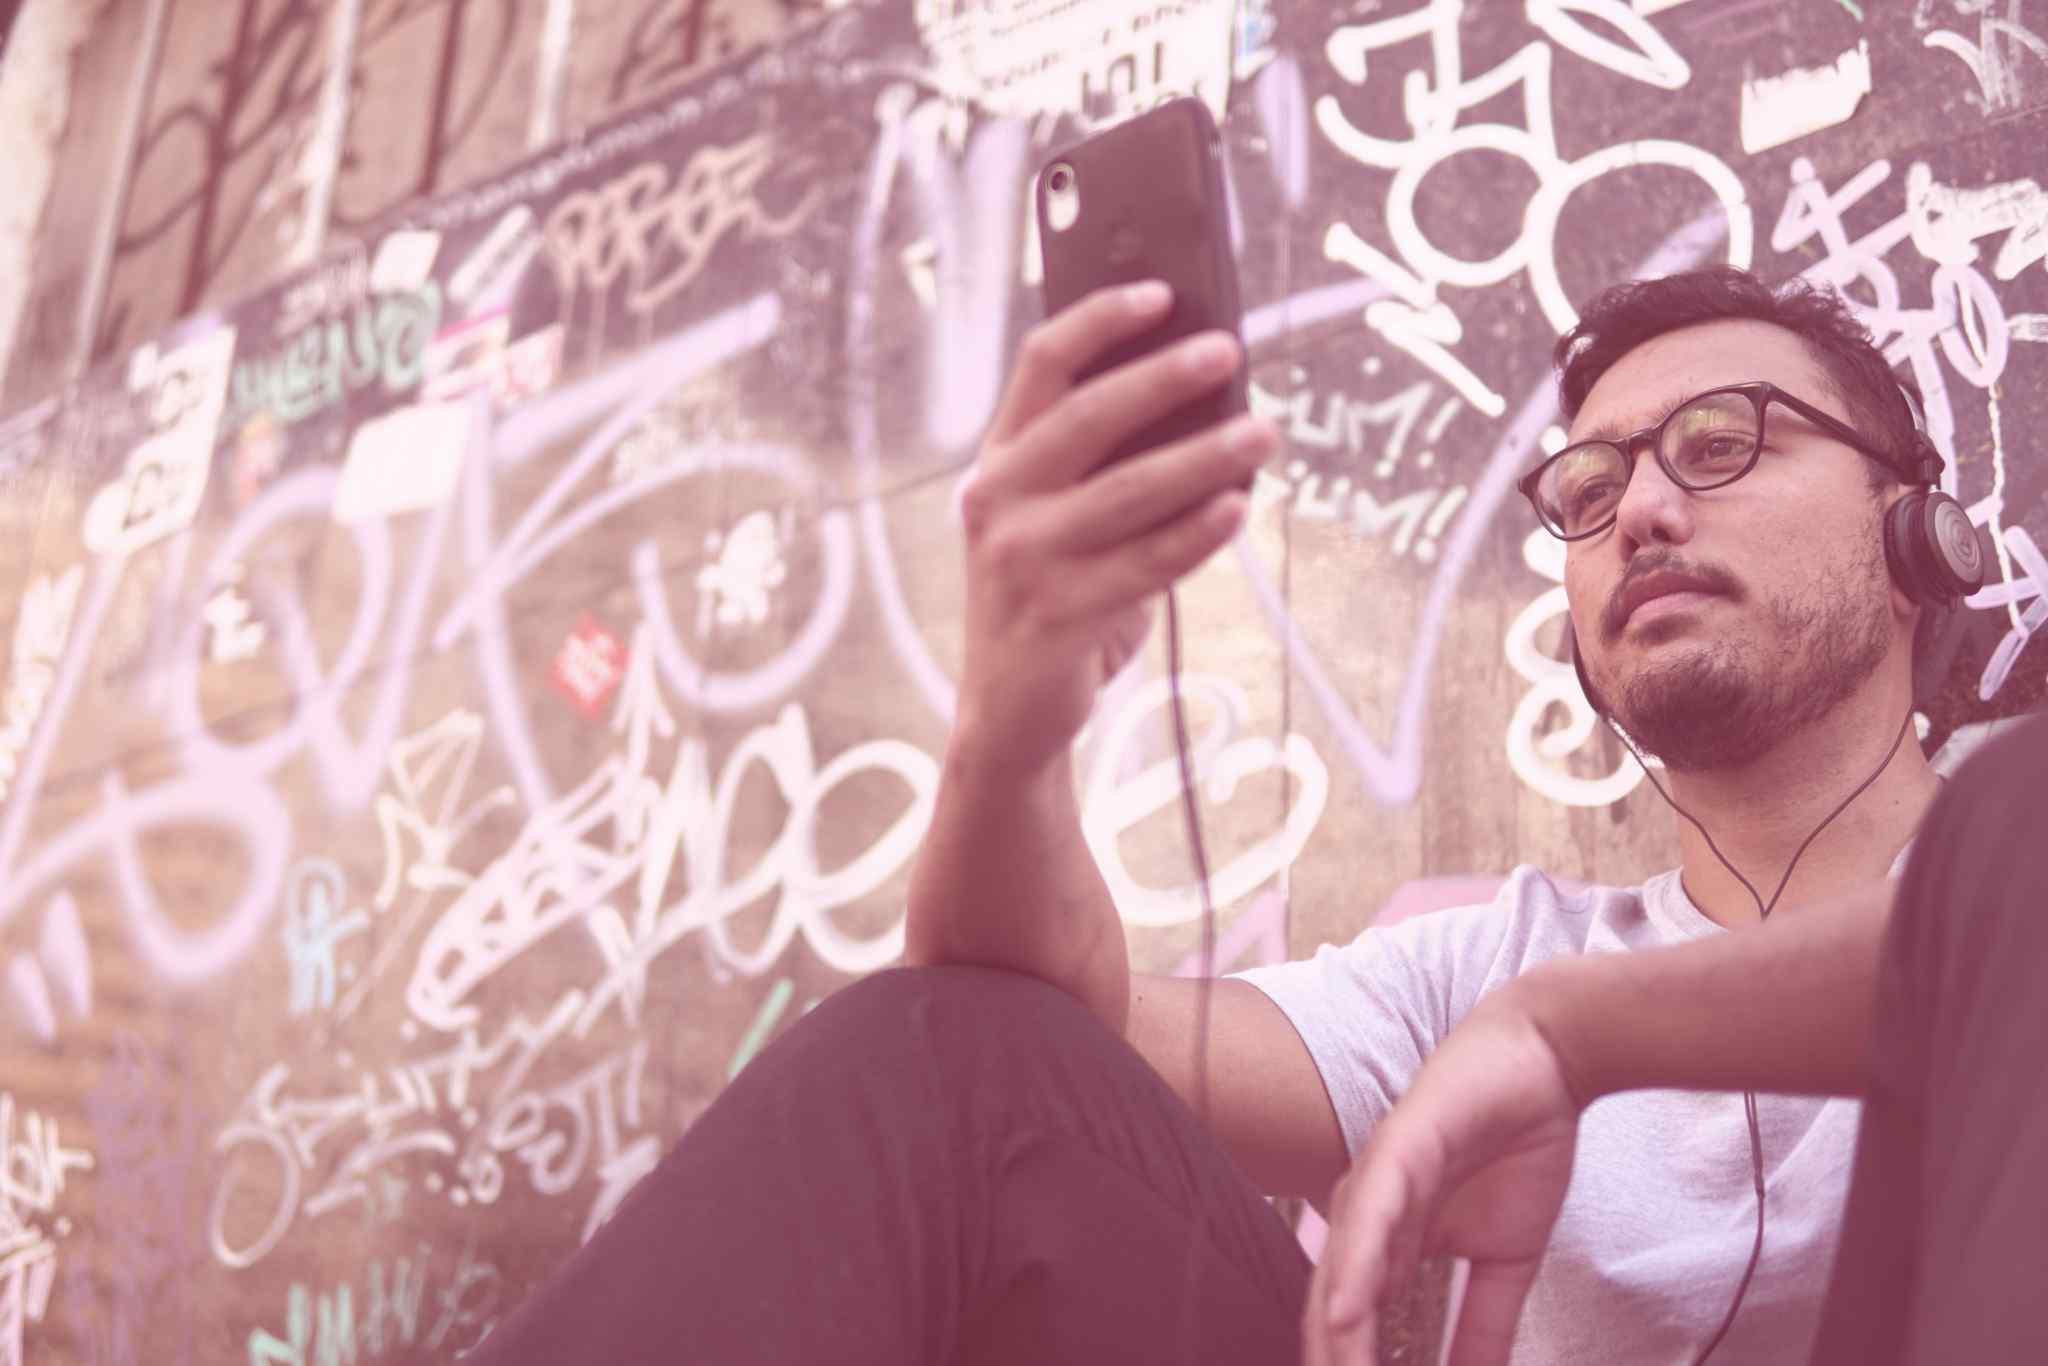 Pessoa segurando smartphone em frente a uma parede grafitada.